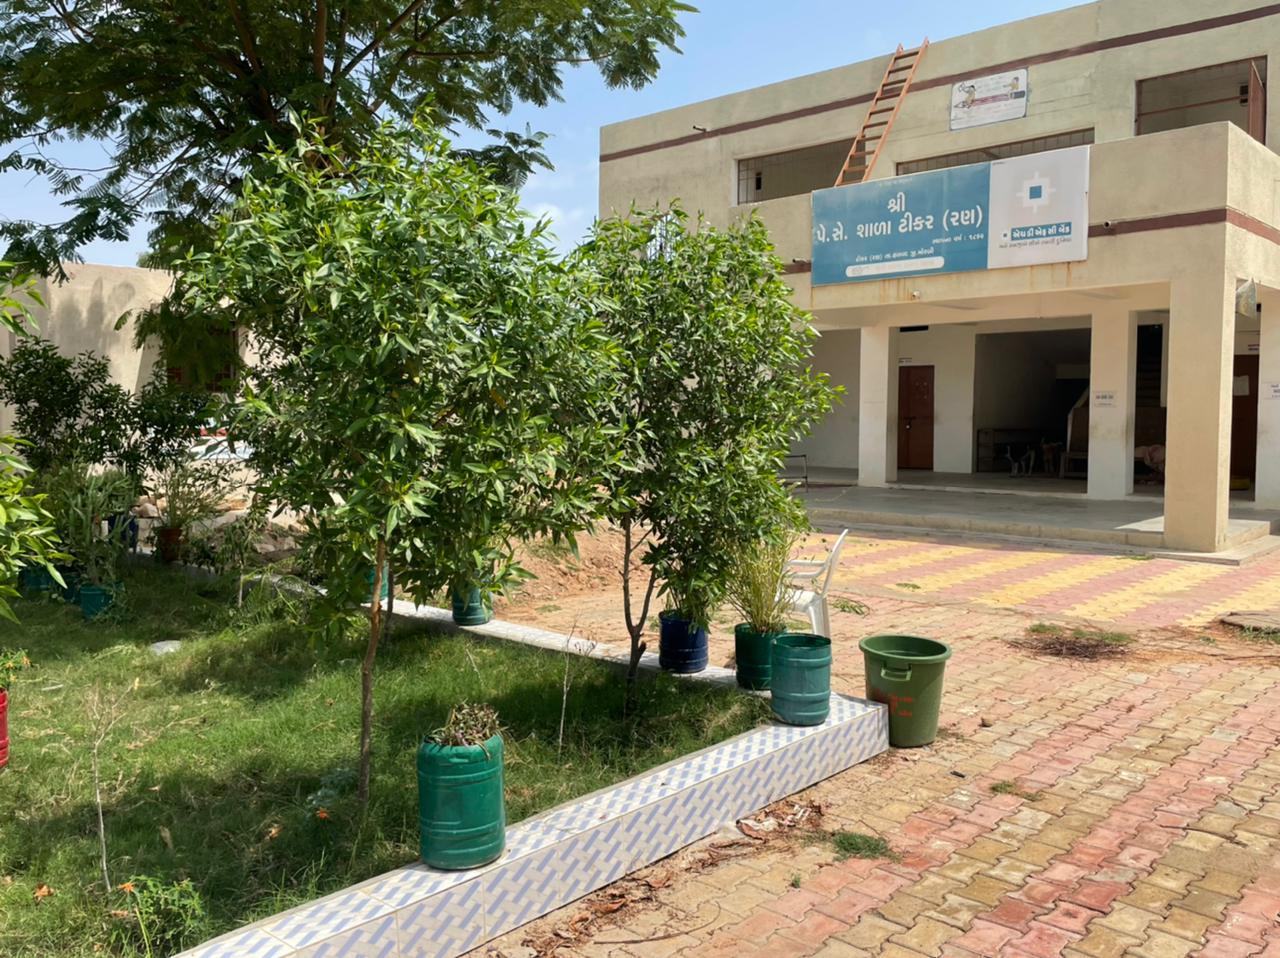 મોરબીના હળવદની 17 ખાનગી શાળાઓમાંથી 196 વિદ્યાર્થીઓએ સરકારી શાળામાં પ્રવેશ મેળવ્યો - Divya Bhaskar